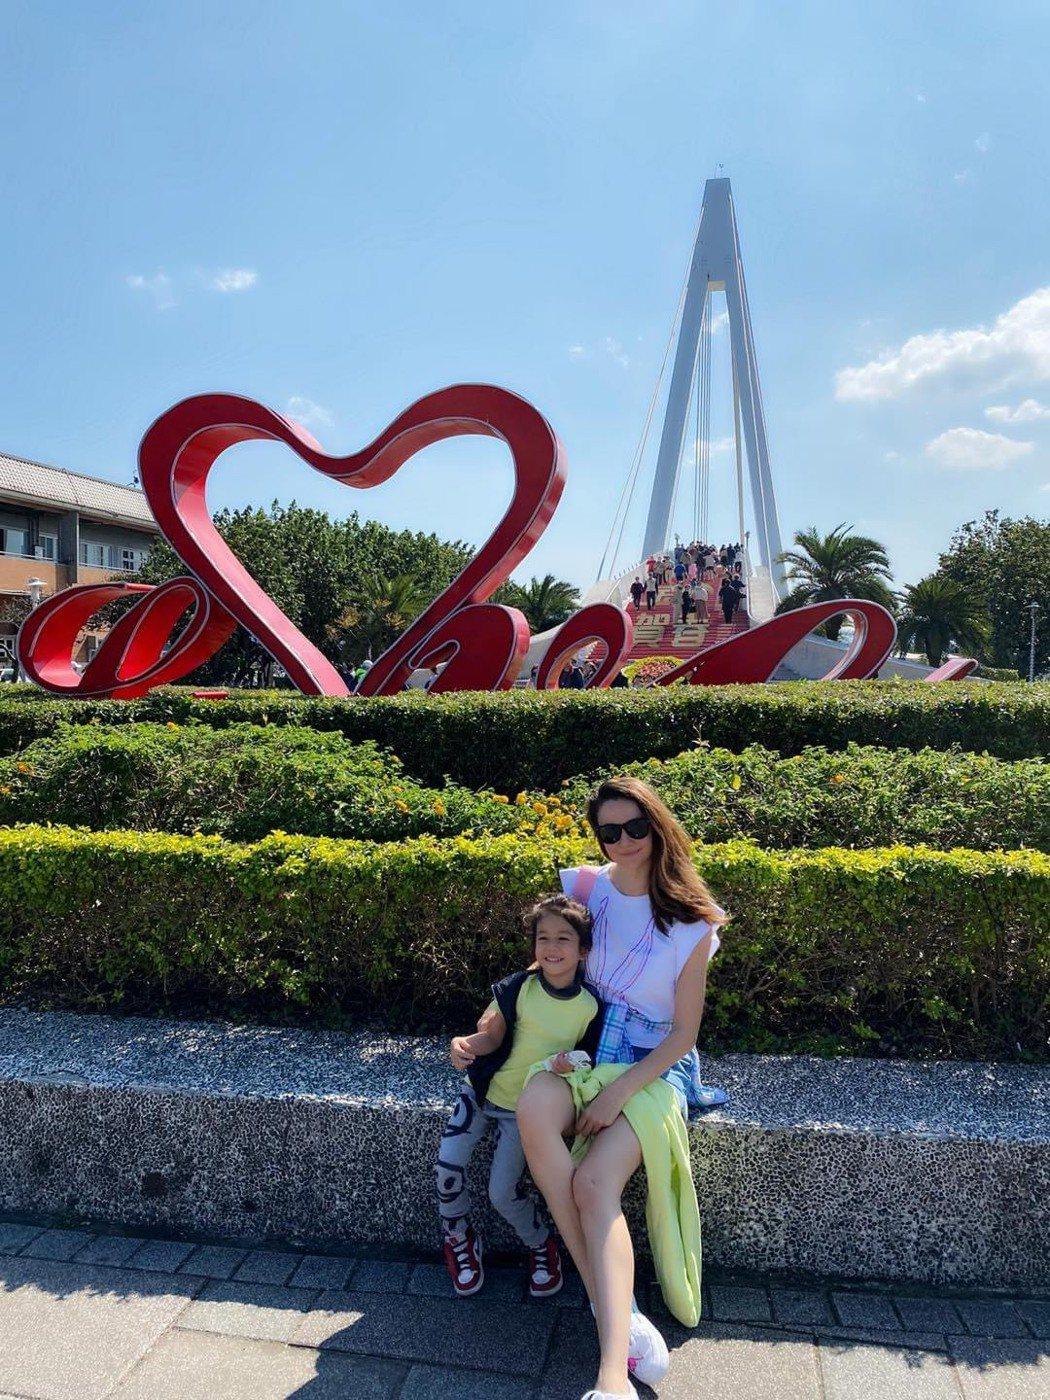 瑞莎帶女兒出遊。圗/摘自臉書